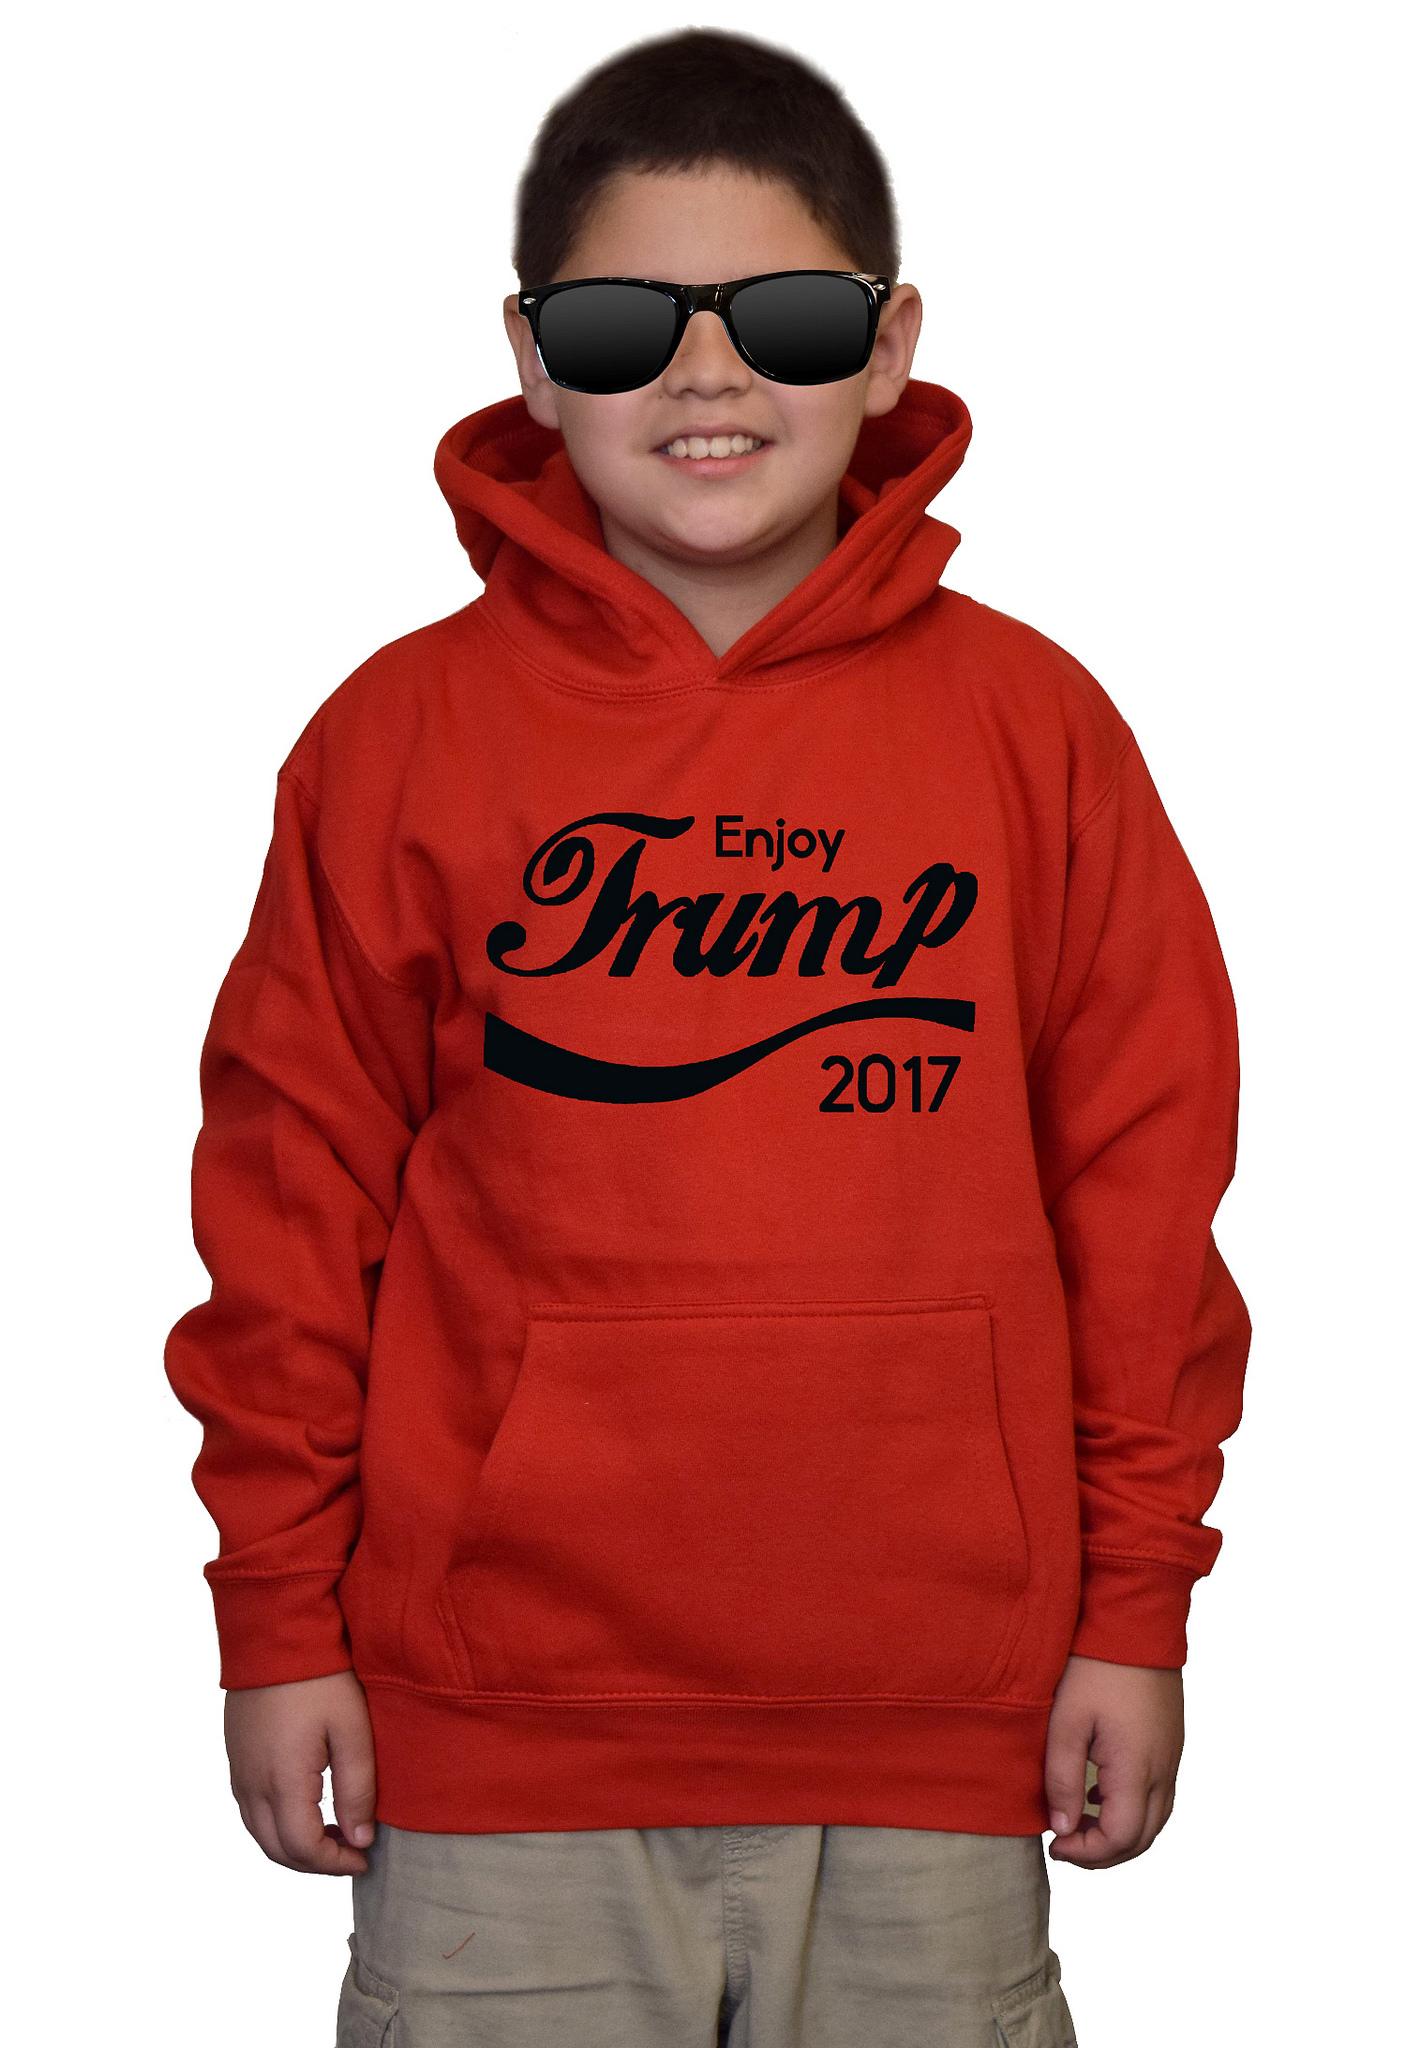 Youth Enjoy Trump V200 Red kids Sweatshirt Hoodie